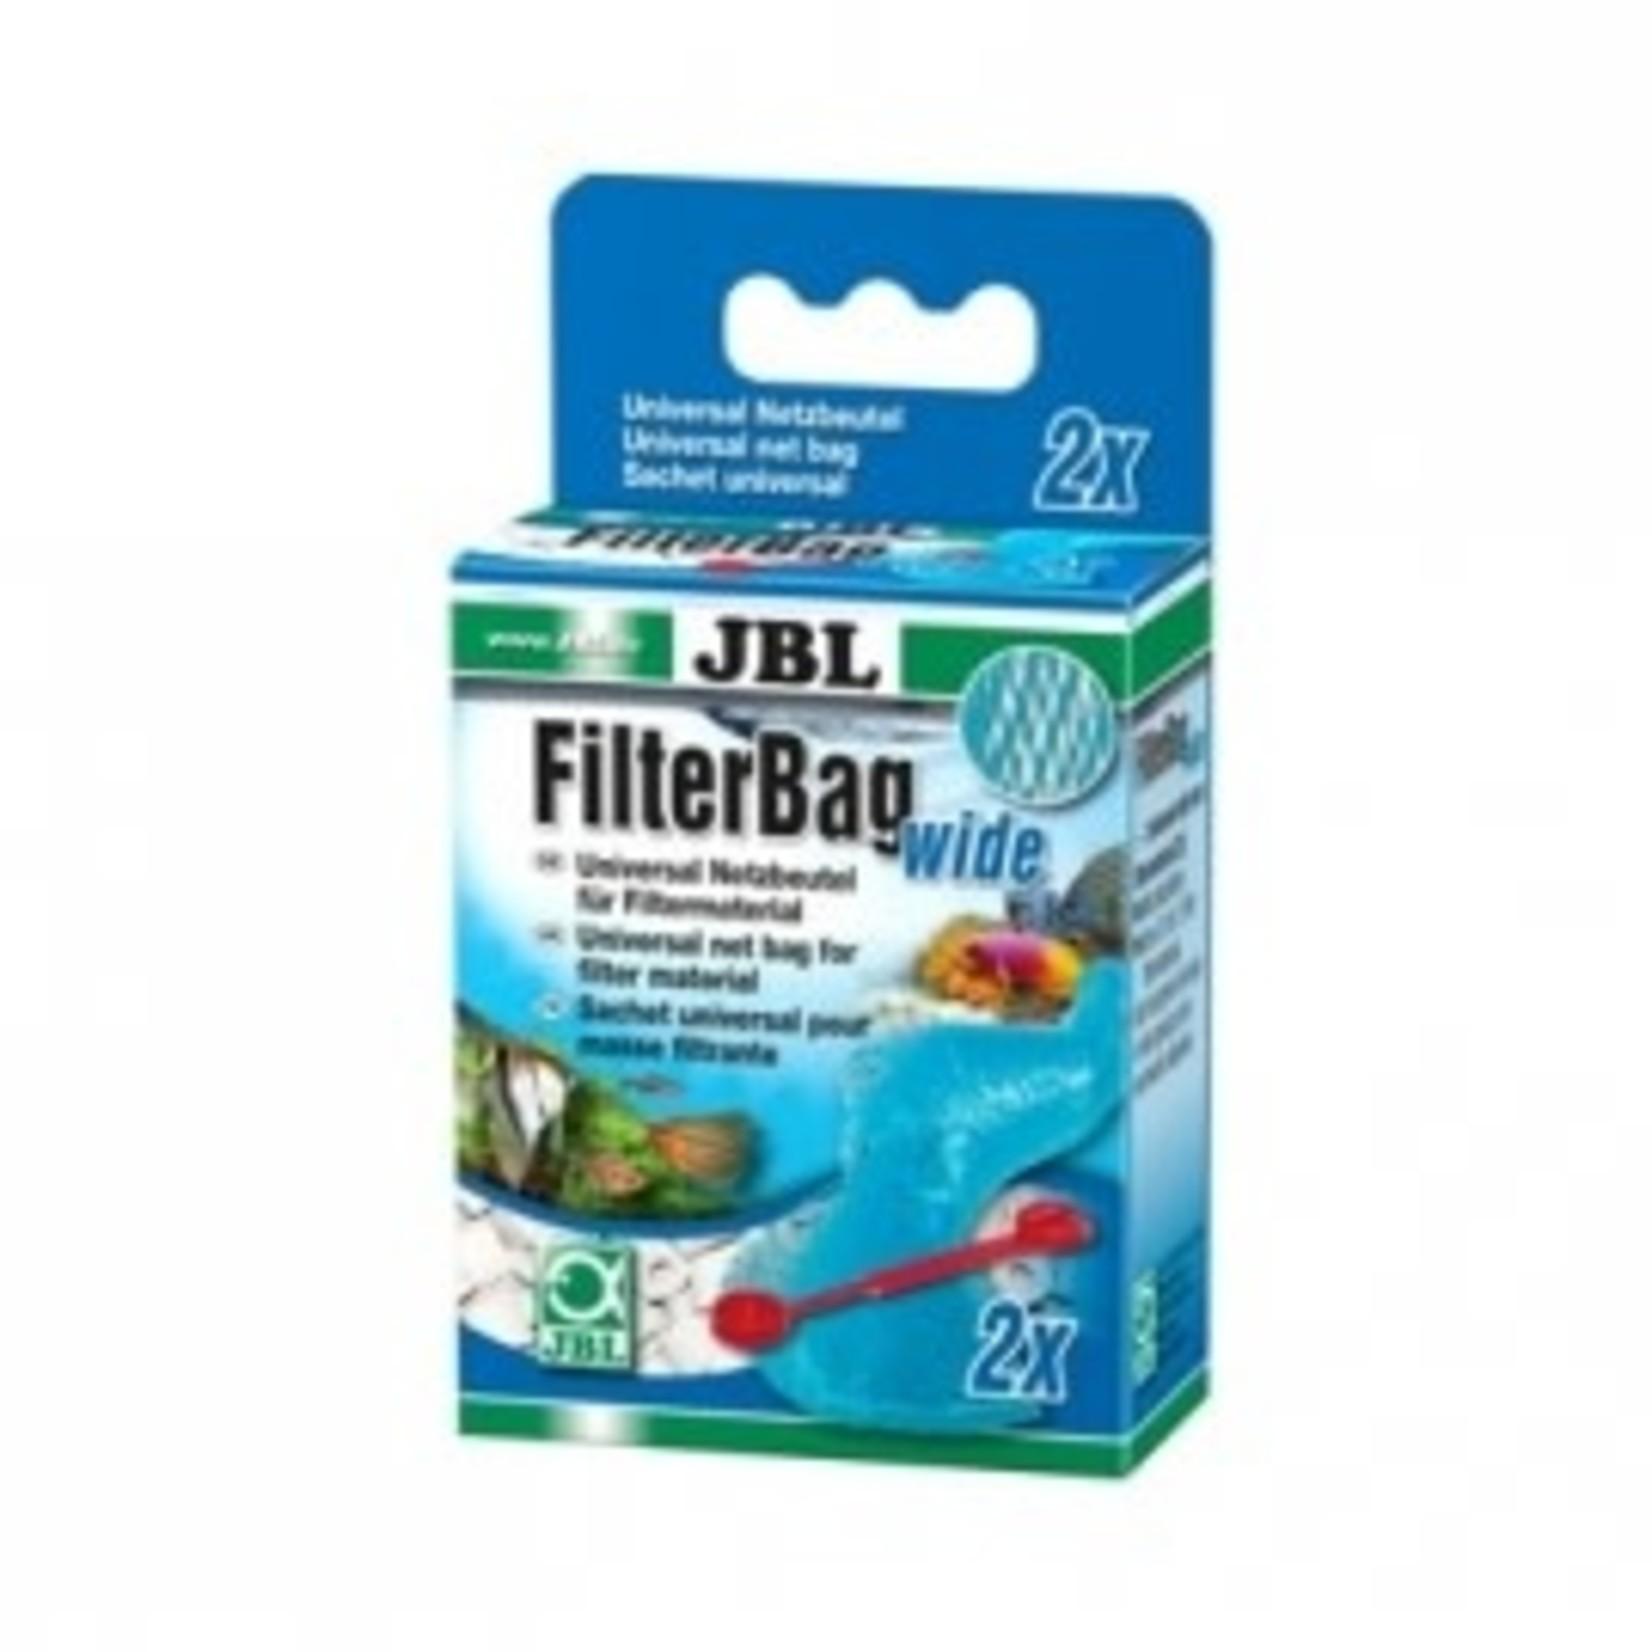 JBL Filter Bag Wide JBL 2pcs